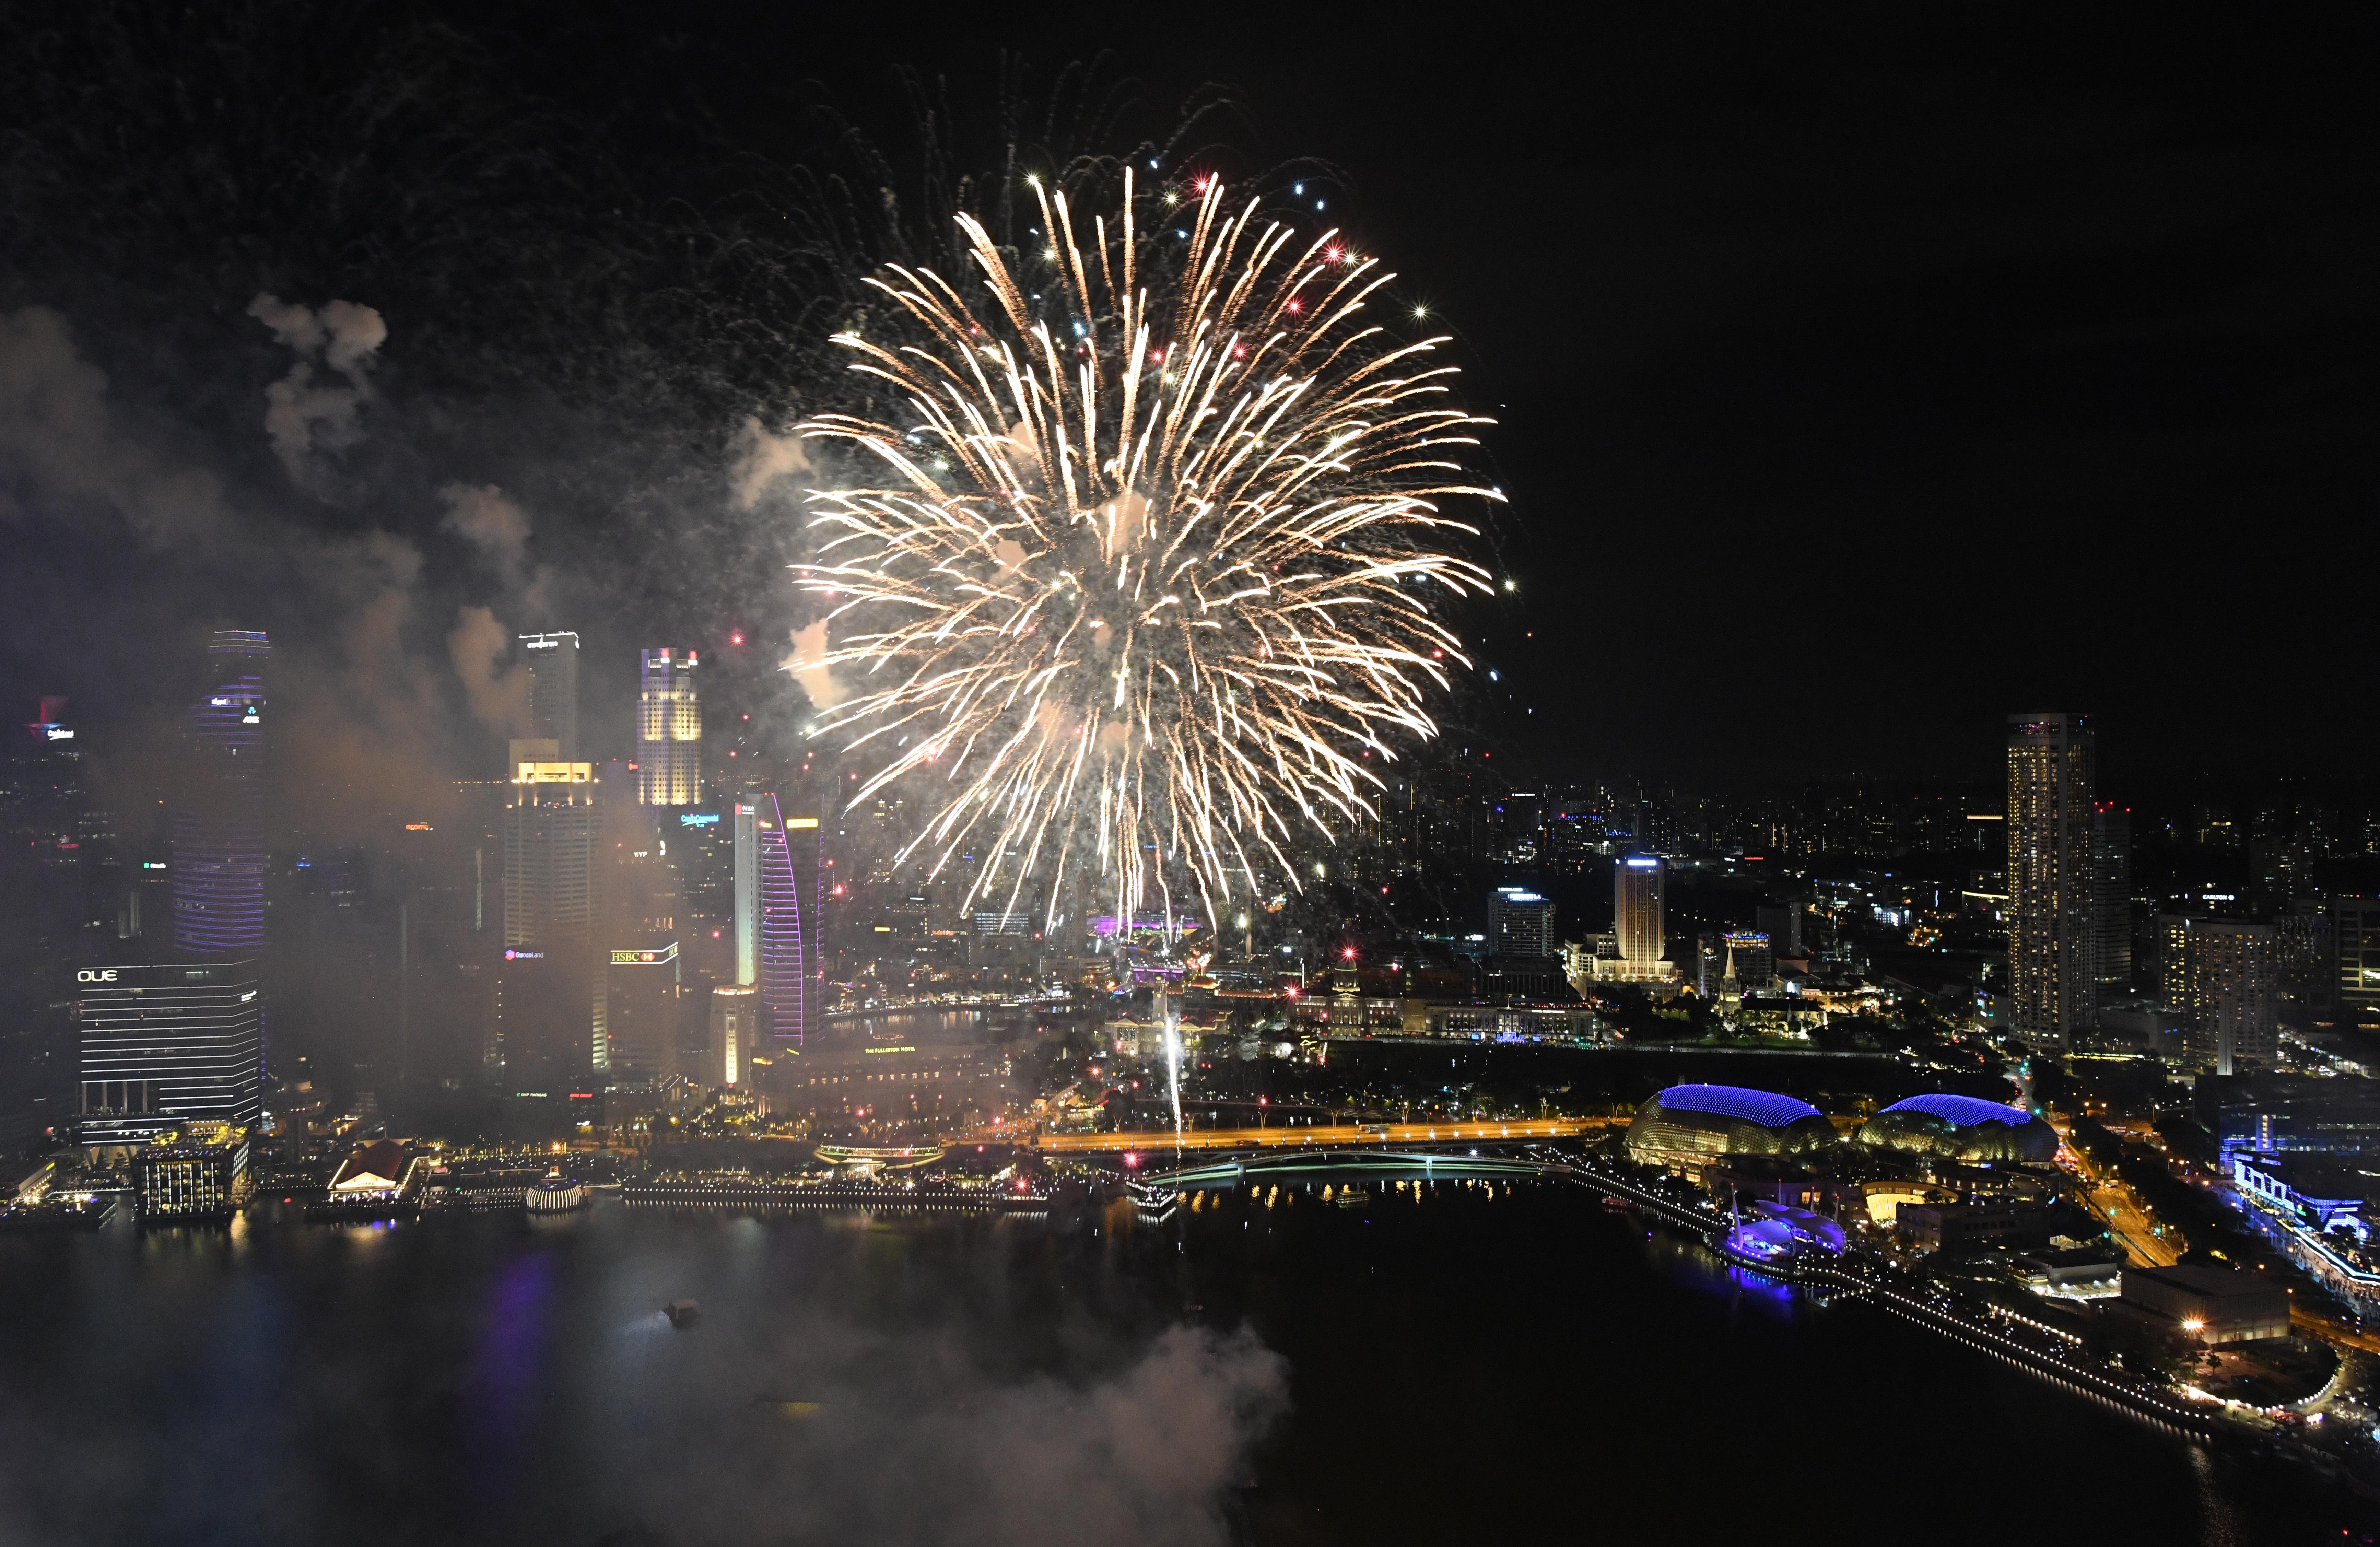 الألعاب النارية في سنغافورة